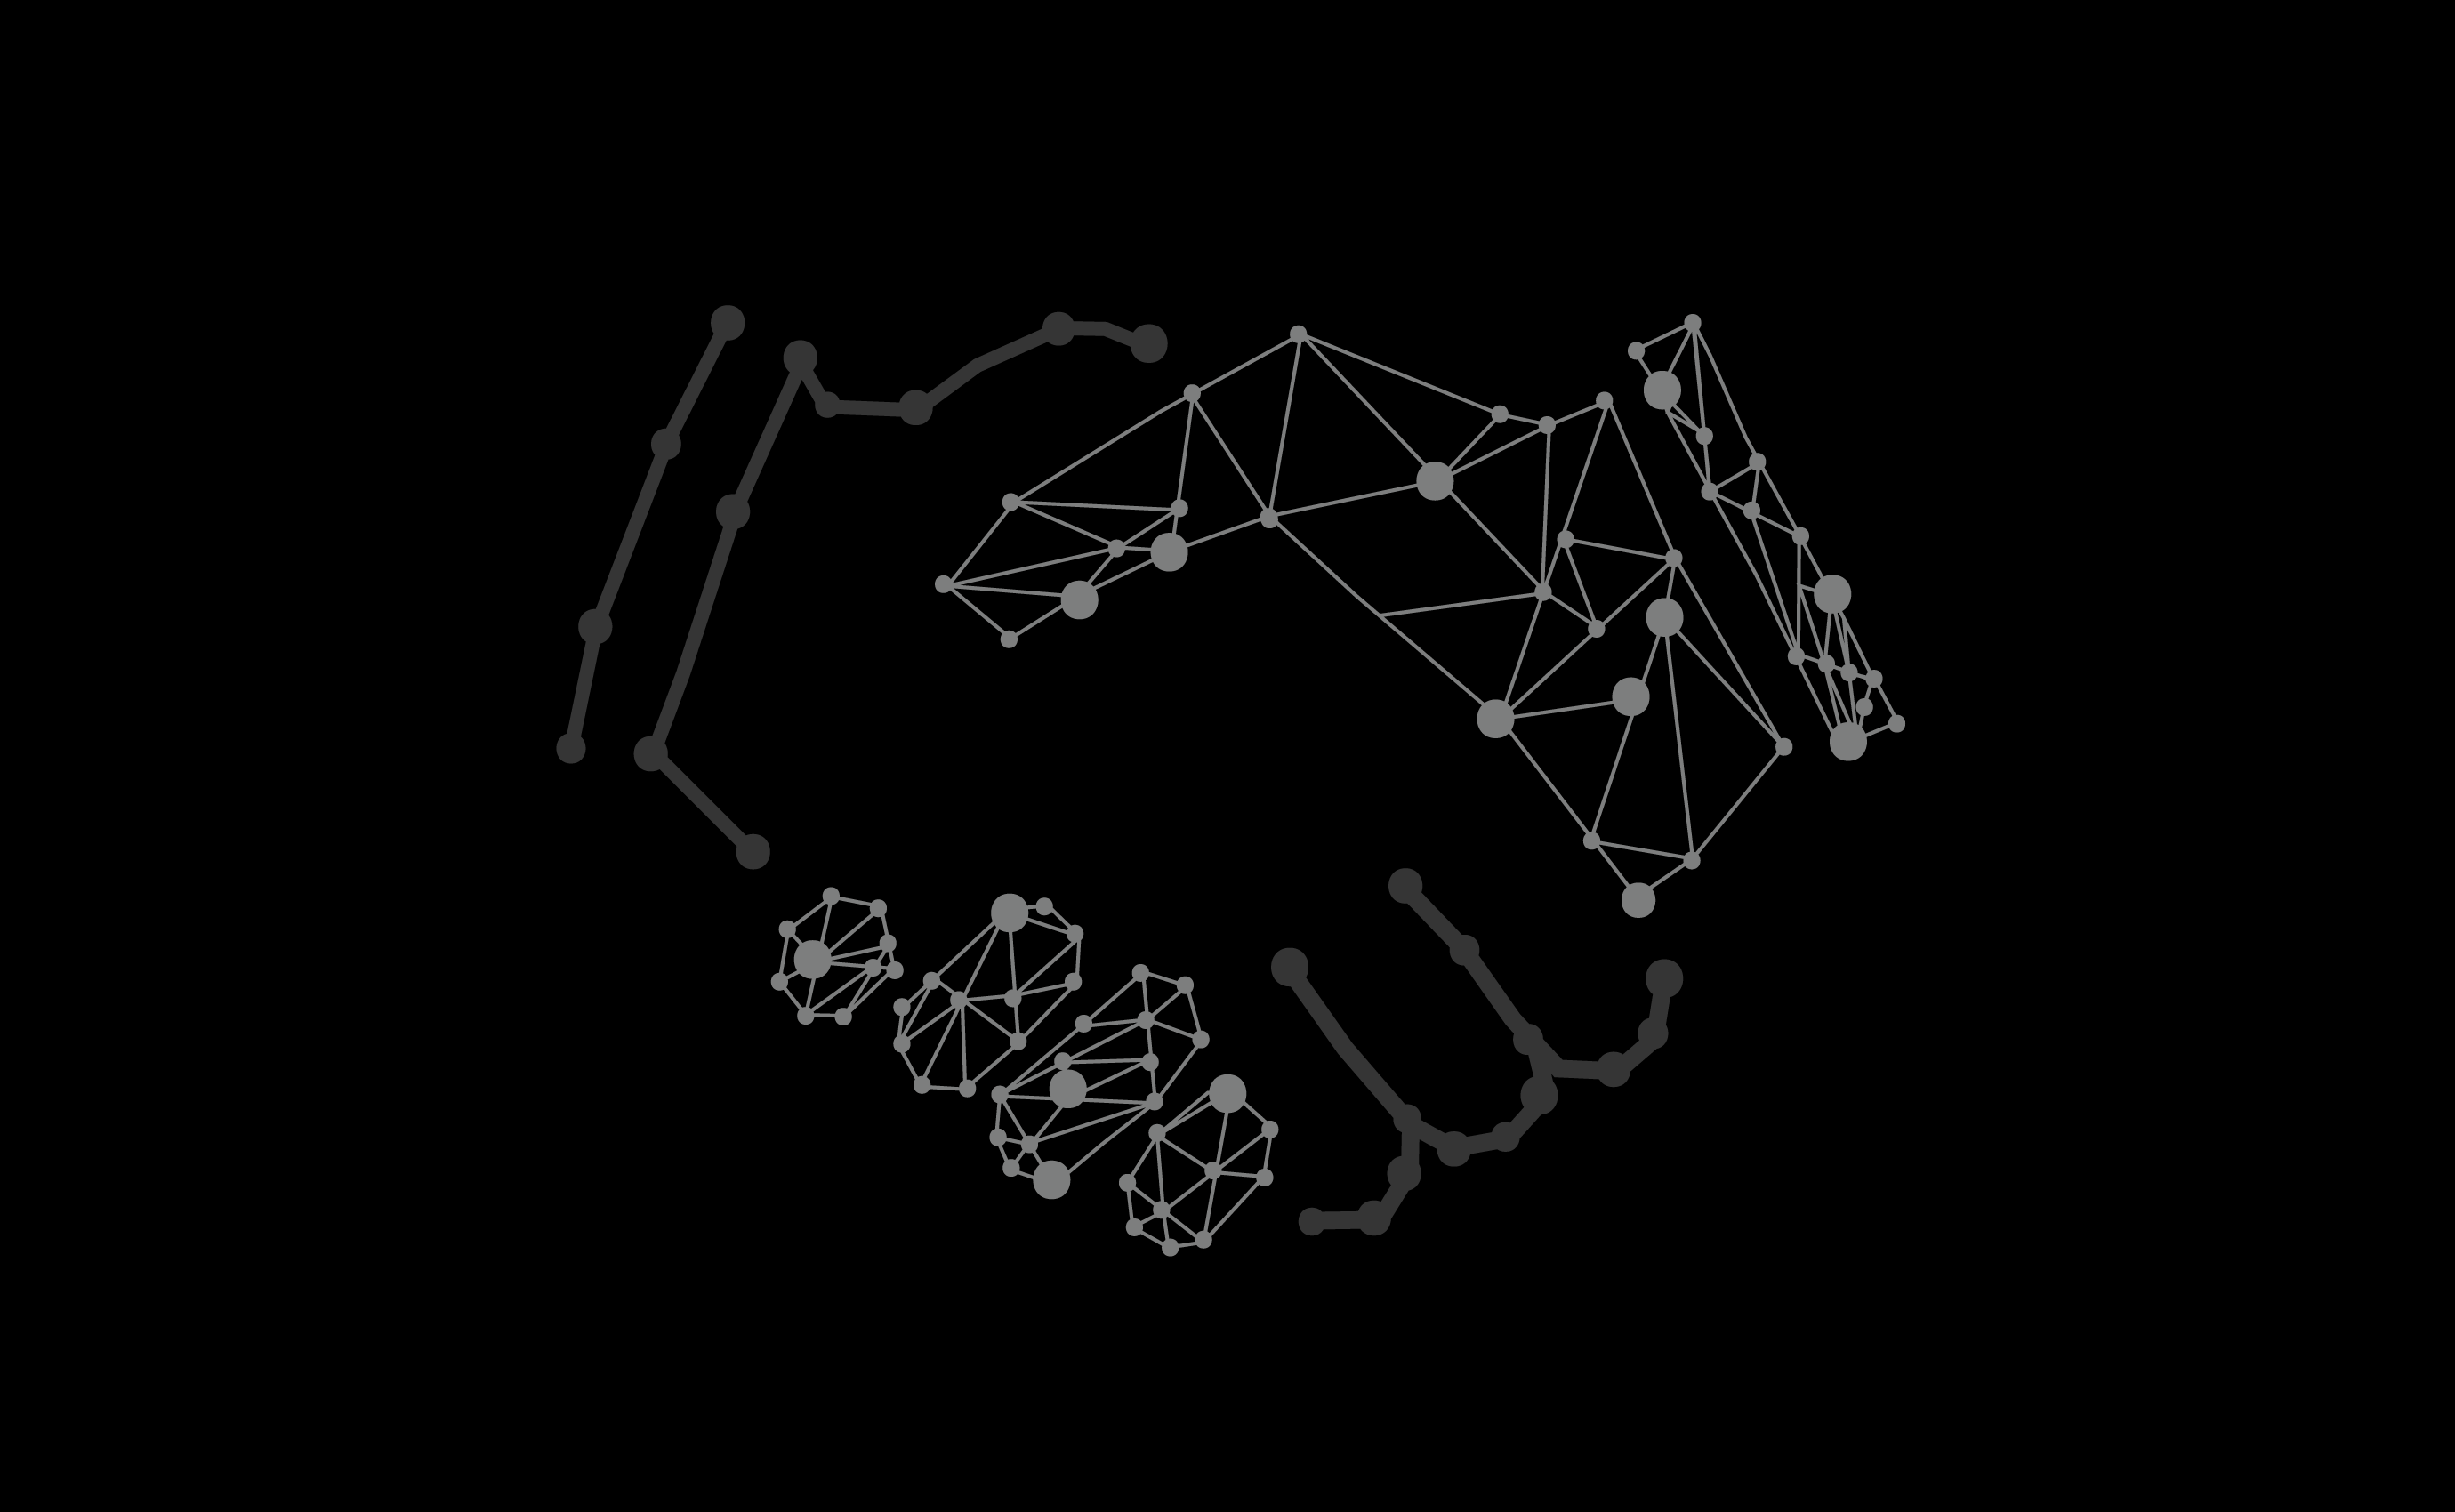 مشکل اوراکل در قراردادهای هوشمند